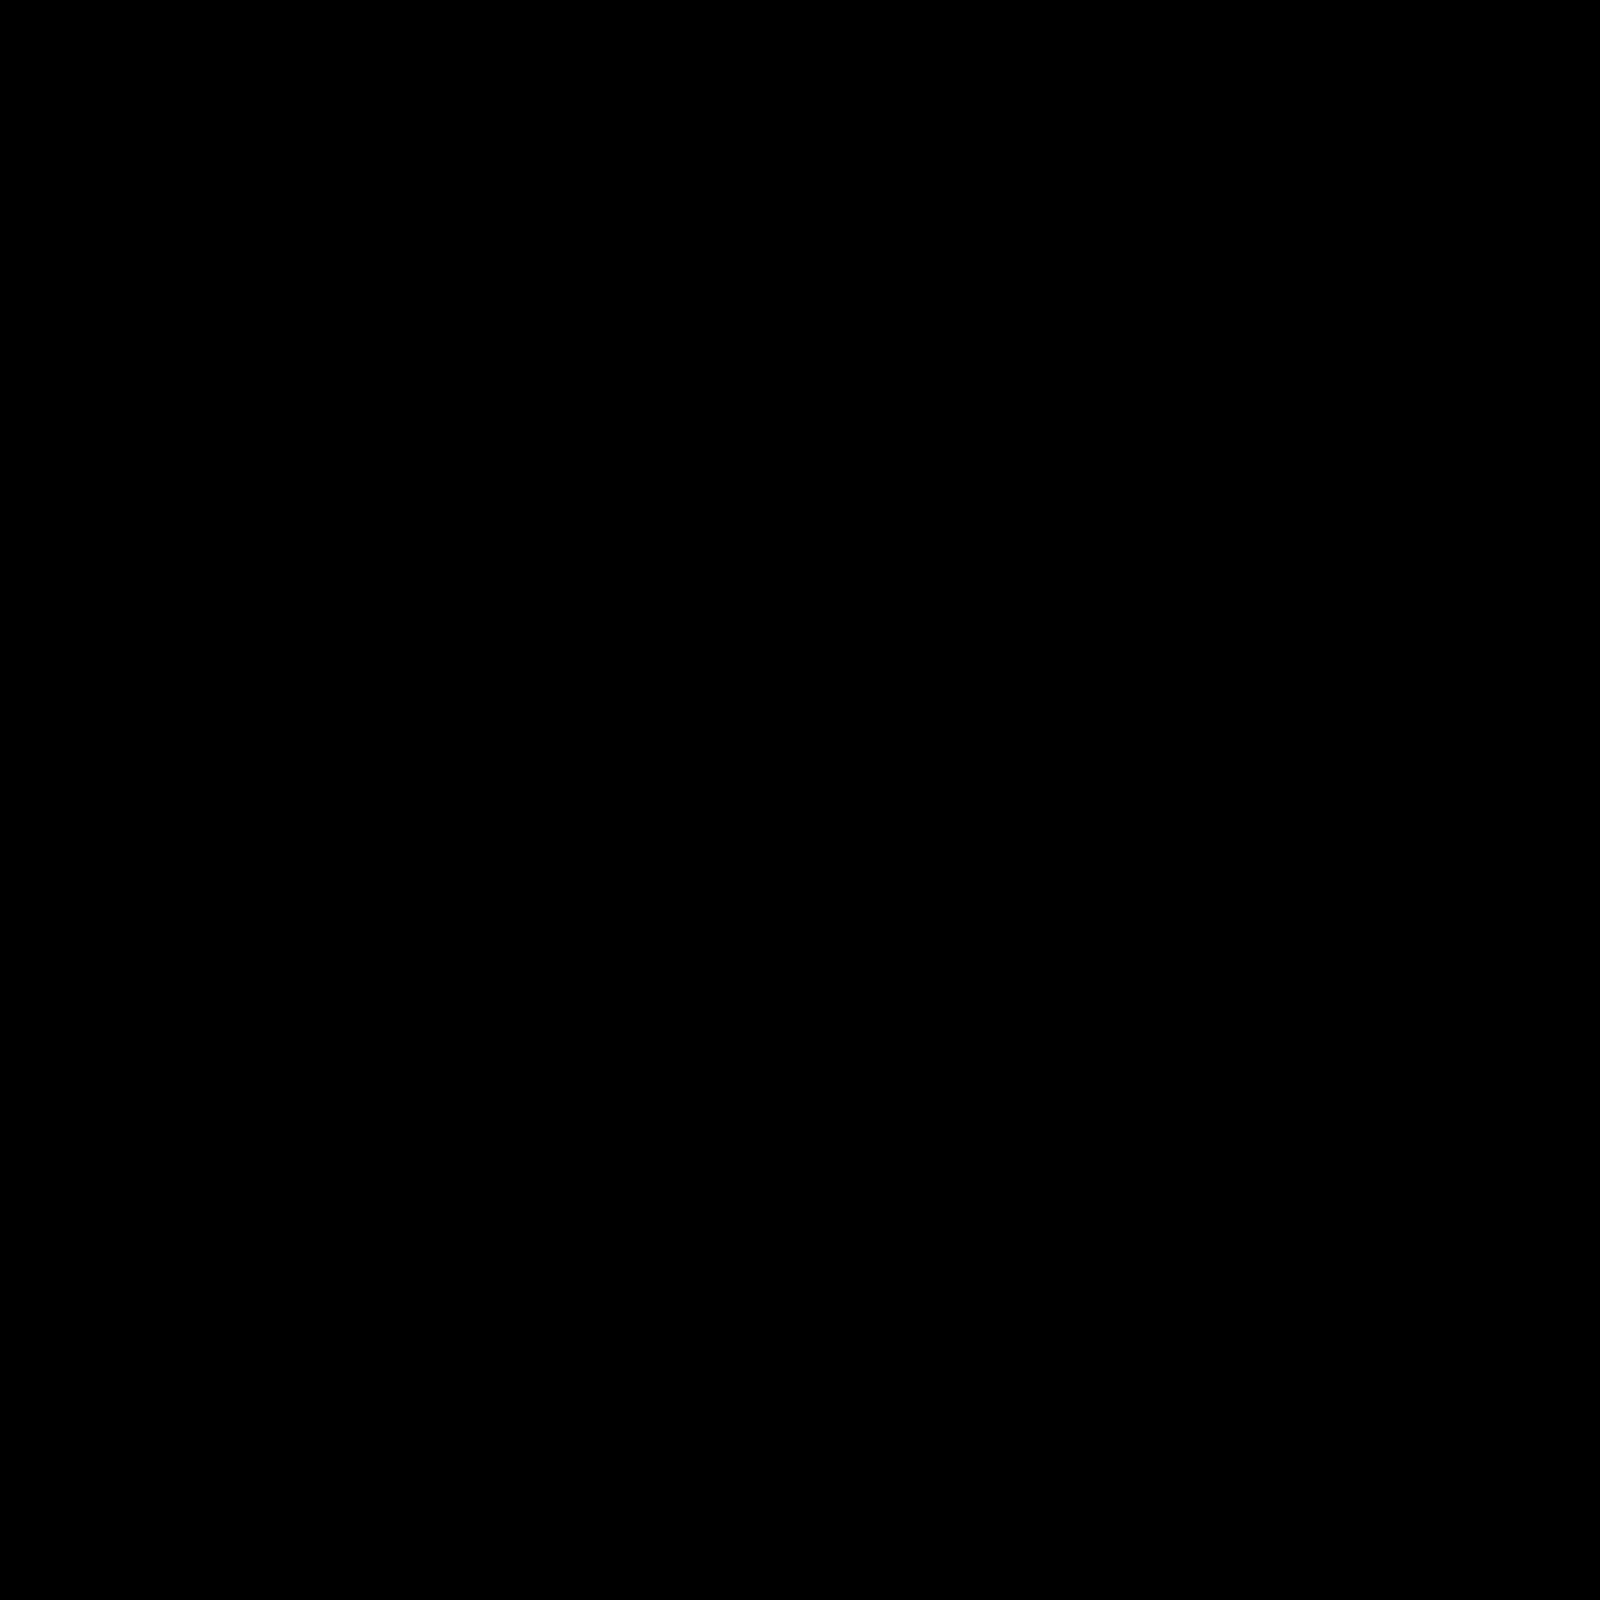 大图标 icon. The Large Icon has a flower like shape with five rounded point.  In the center there is another 5 points drawn in somewhat lines from the center.  The flower shape is enclosed in a square or a box.